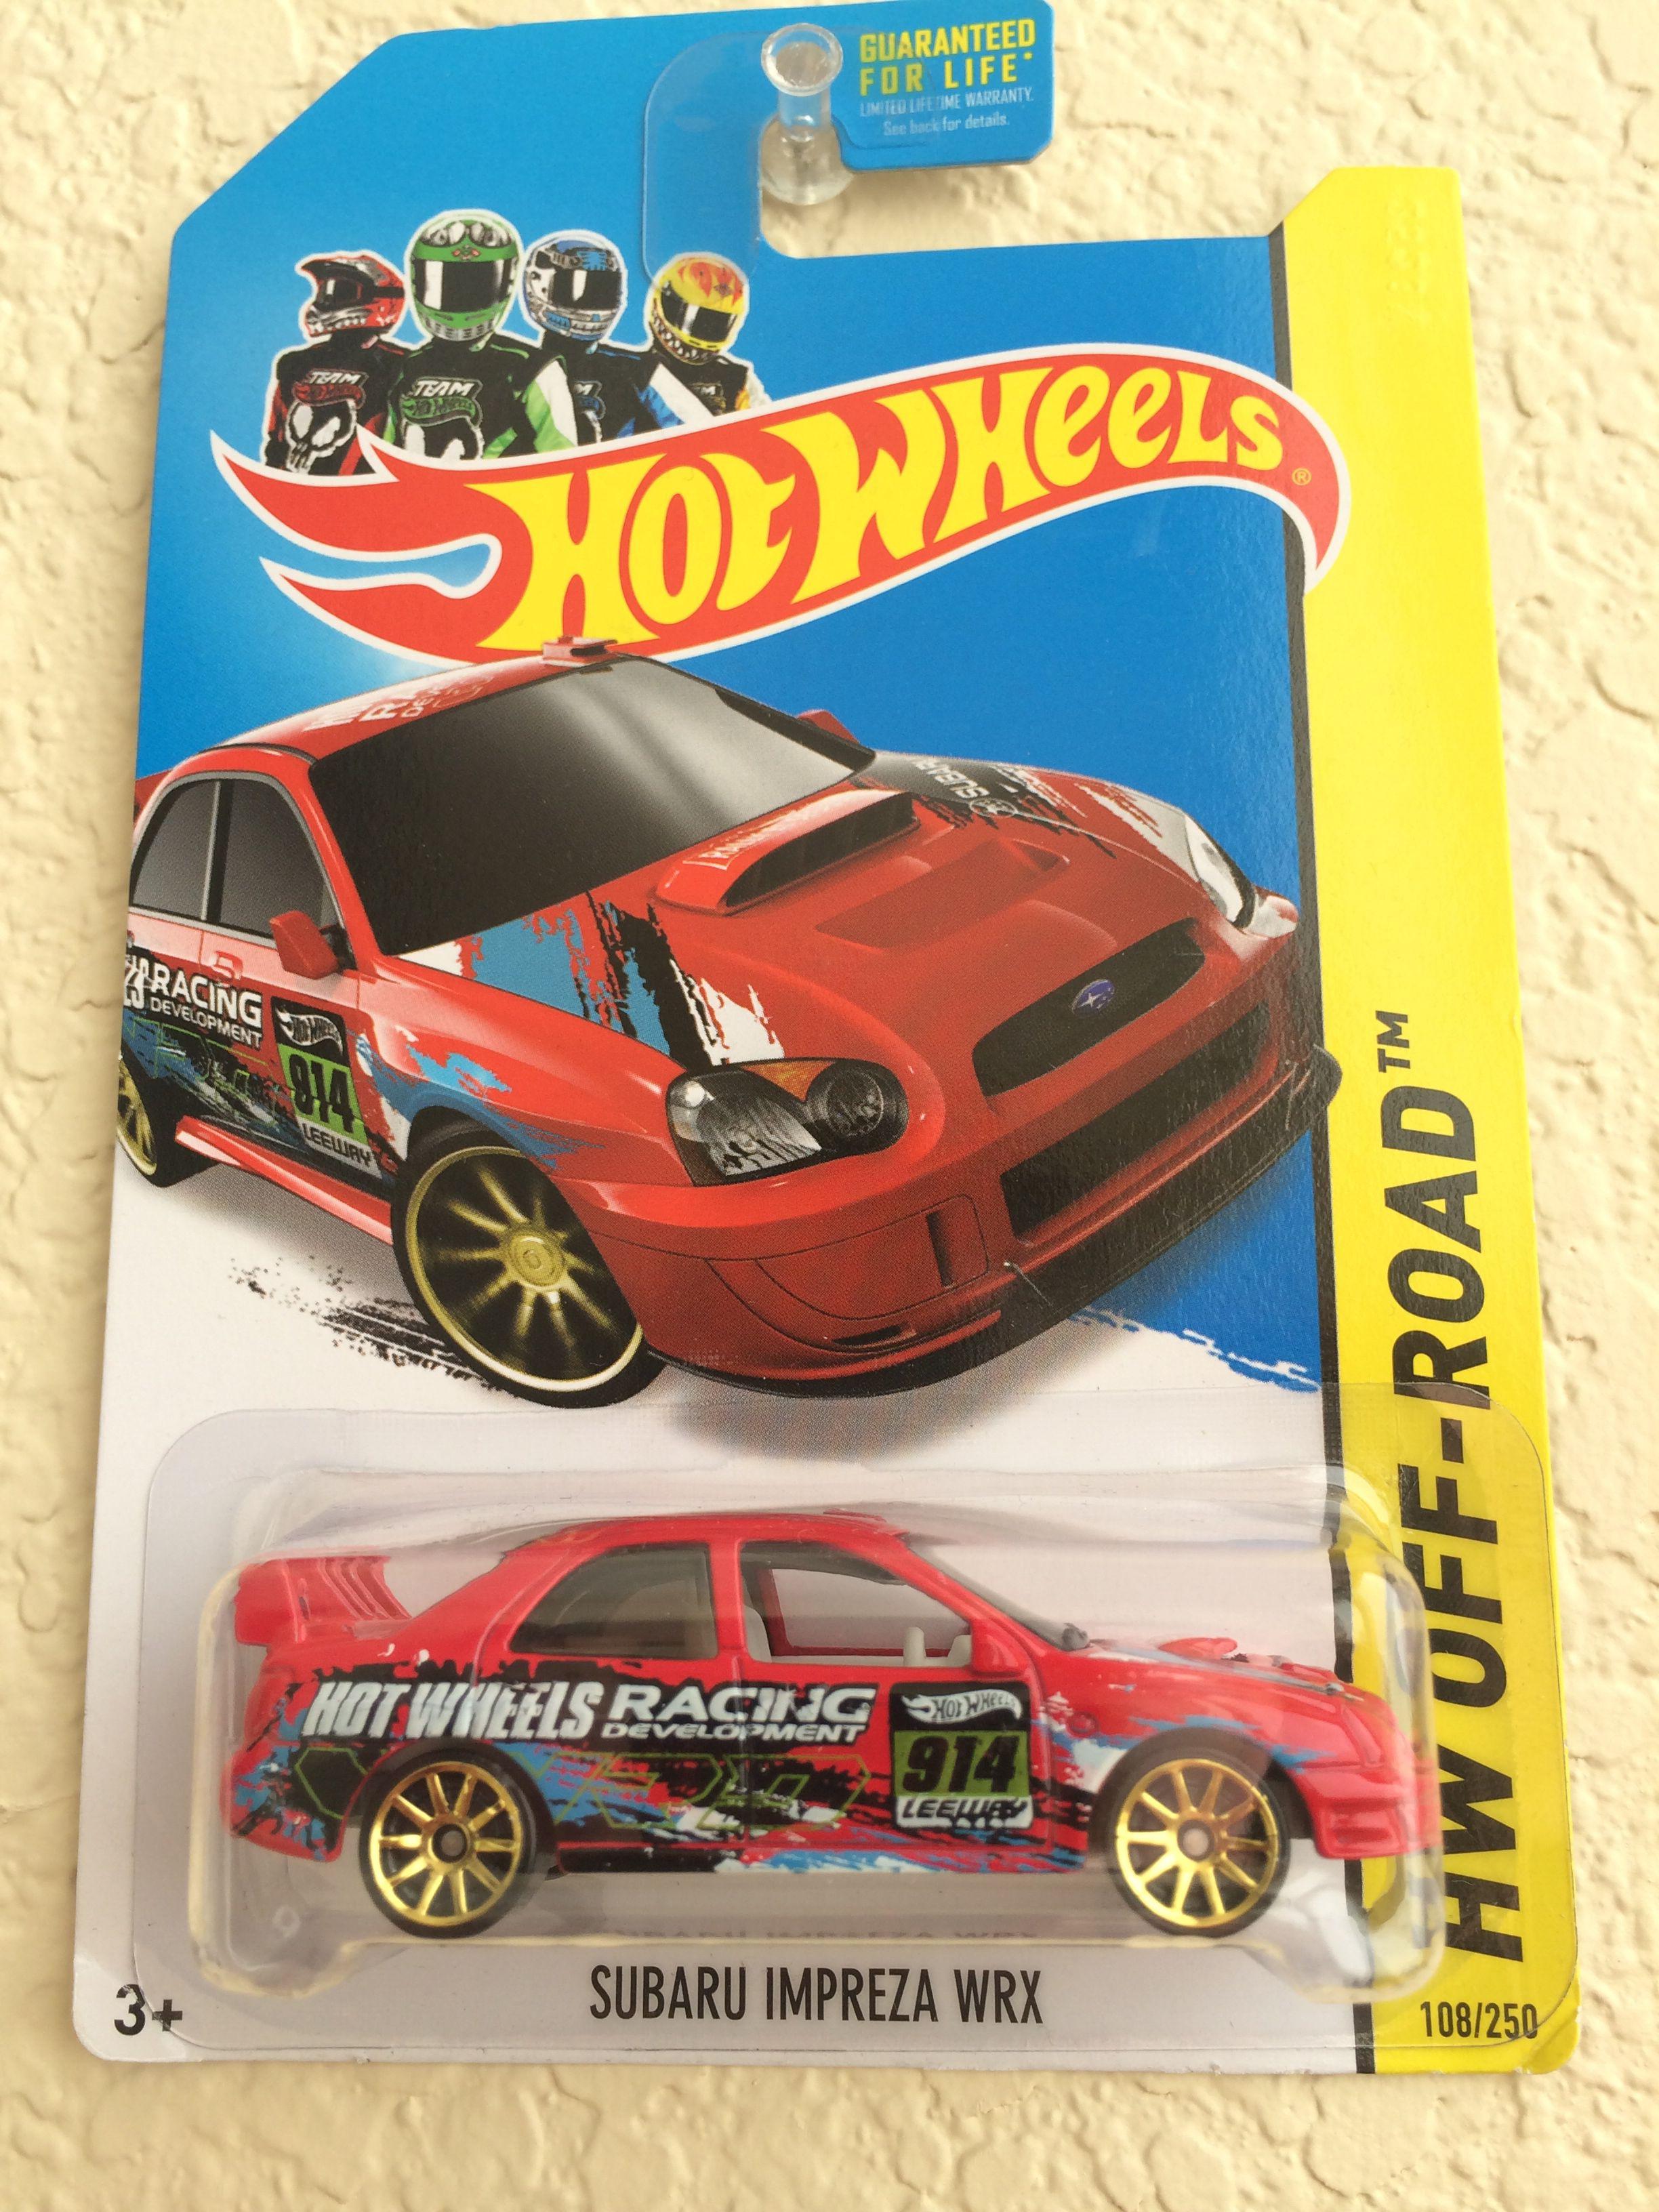 2007 Subaru Impreza Hot Wheels Hot Wheels Subaru Impreza Toy Car